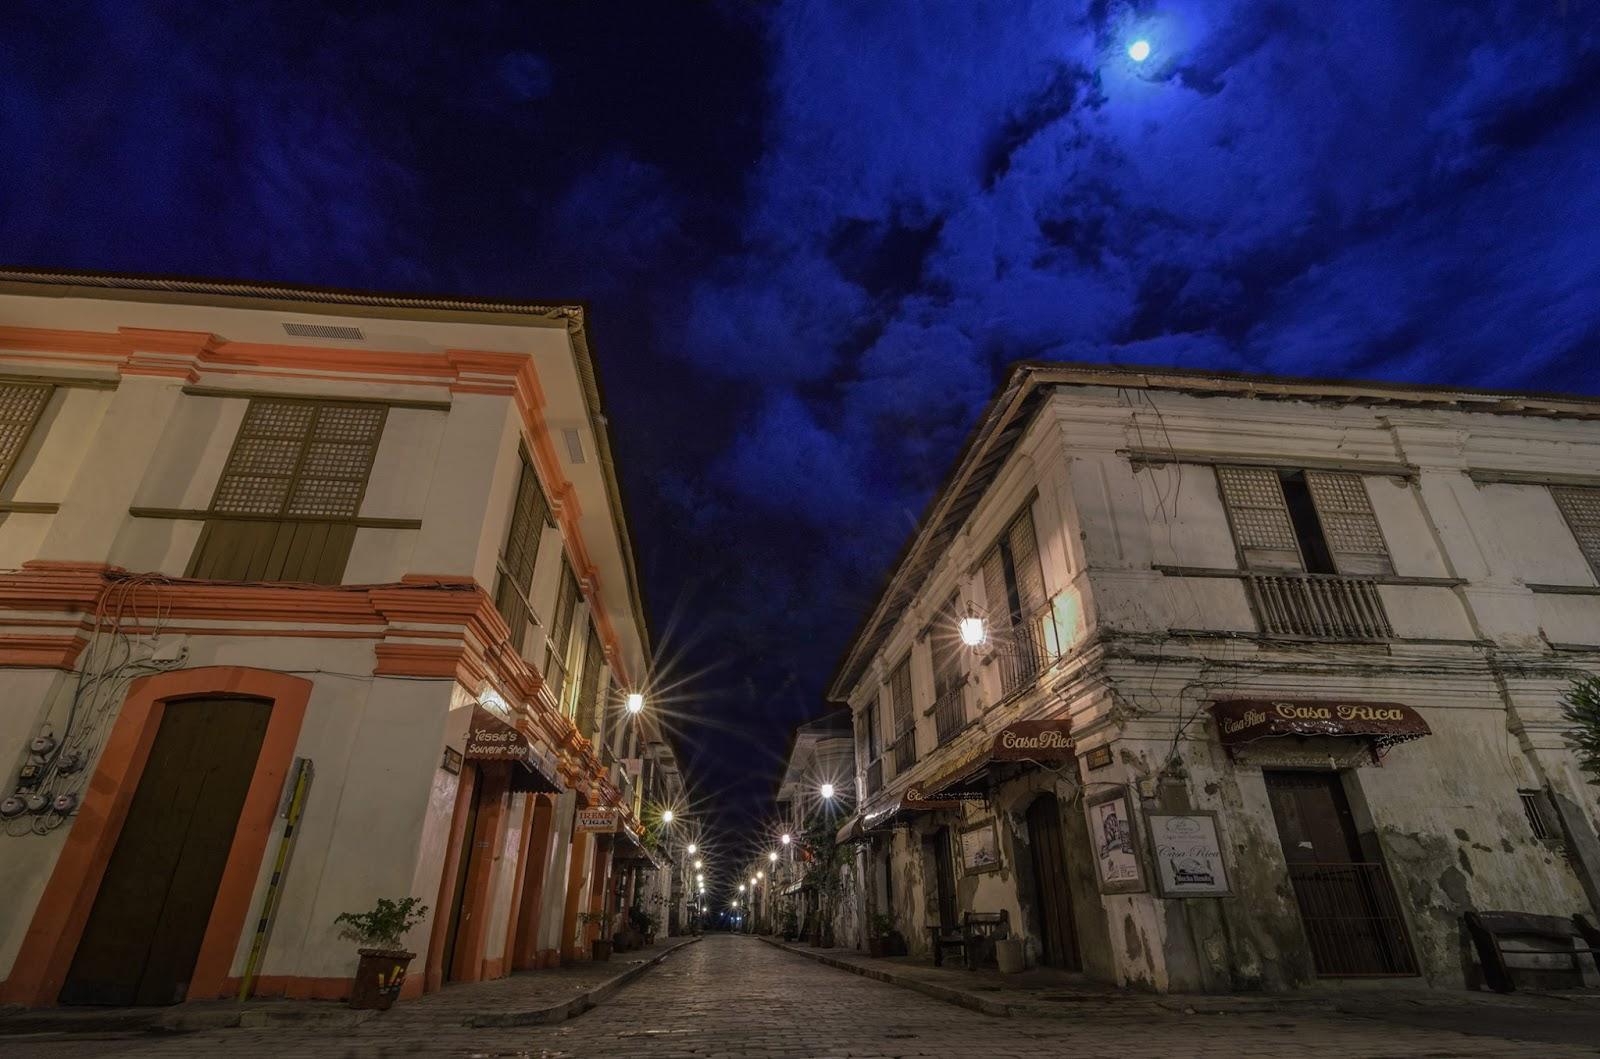 Calle Crisologo Vigan City Moonlight Serenade II Philippines